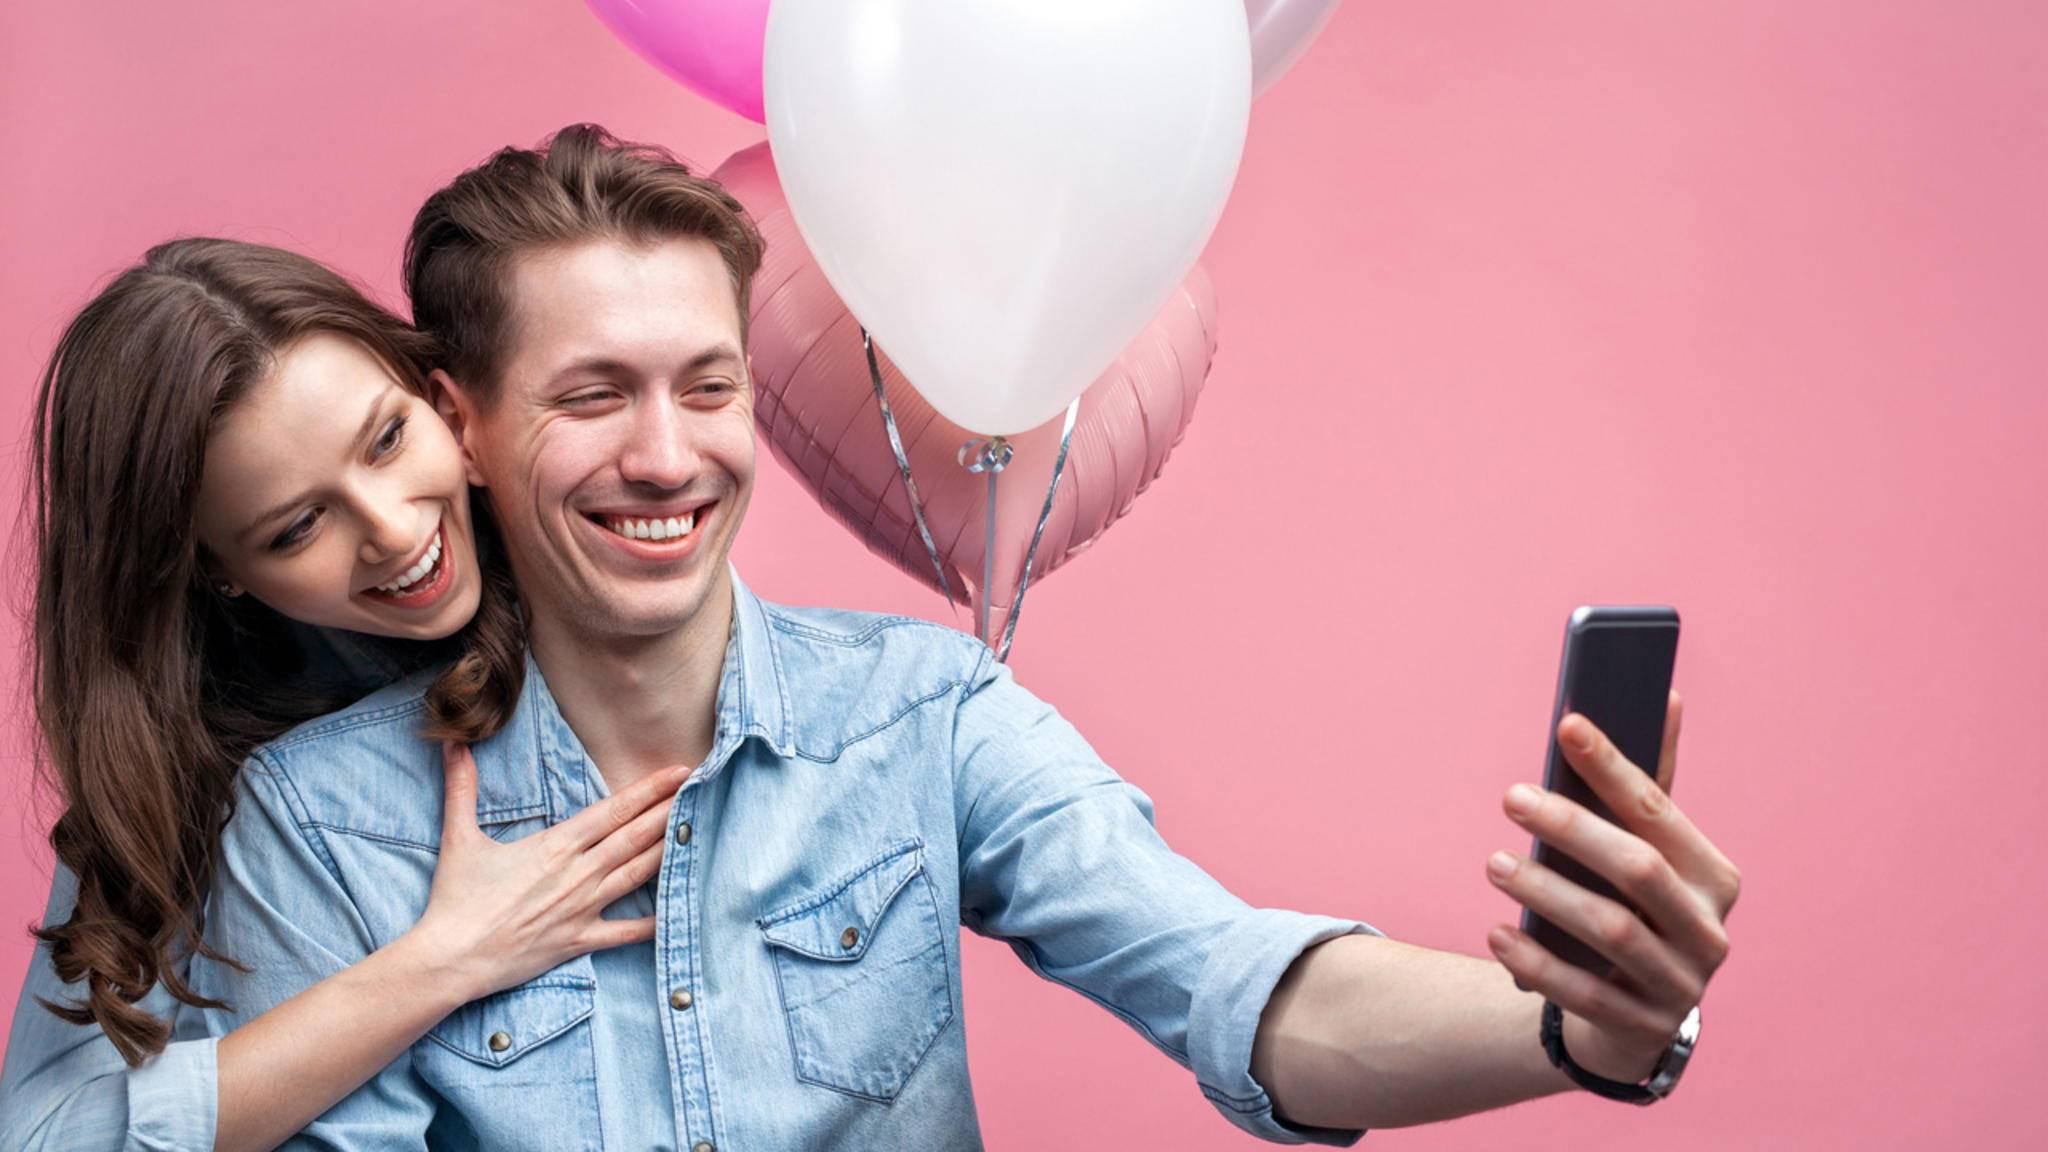 Lustige Geburtstagslieder Fur Whatsapp Lustige Geburtstagslieder